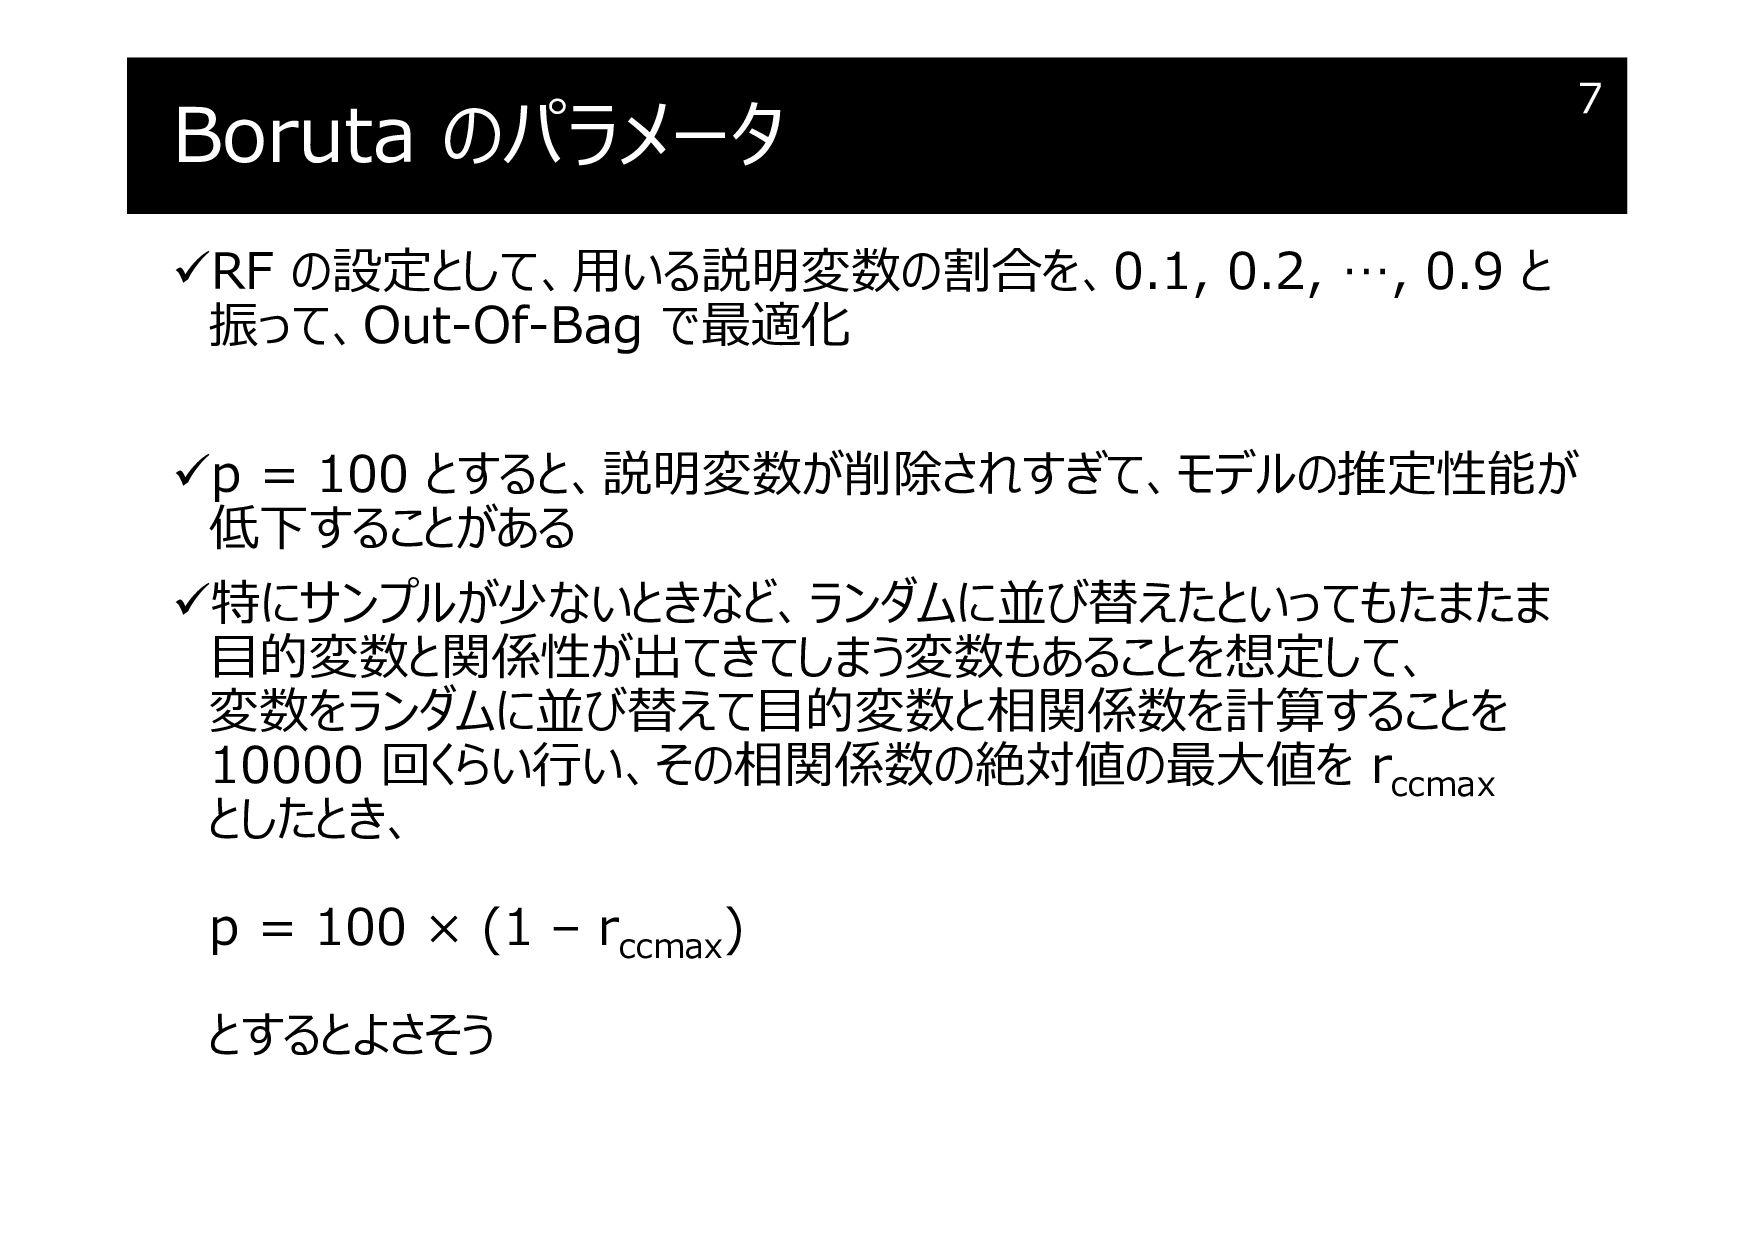 Boruta のパラメータ RF の設定として、用いる説明変数の割合を、0.1, 0.2, ...